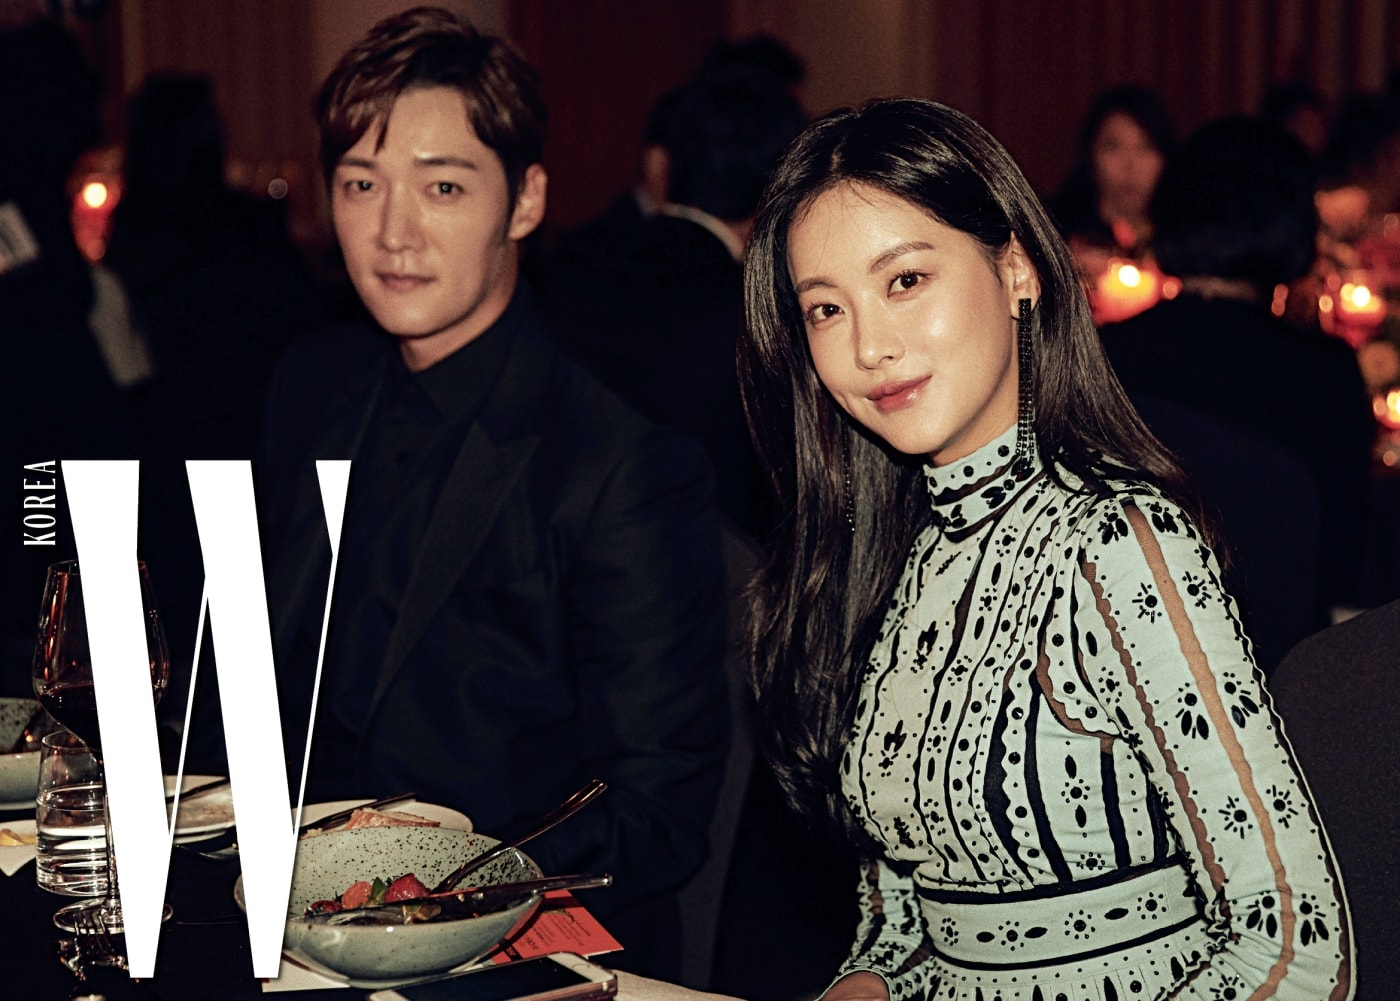 갈라 디너 테이블에서 만난 배우 최진혁과 오연서.